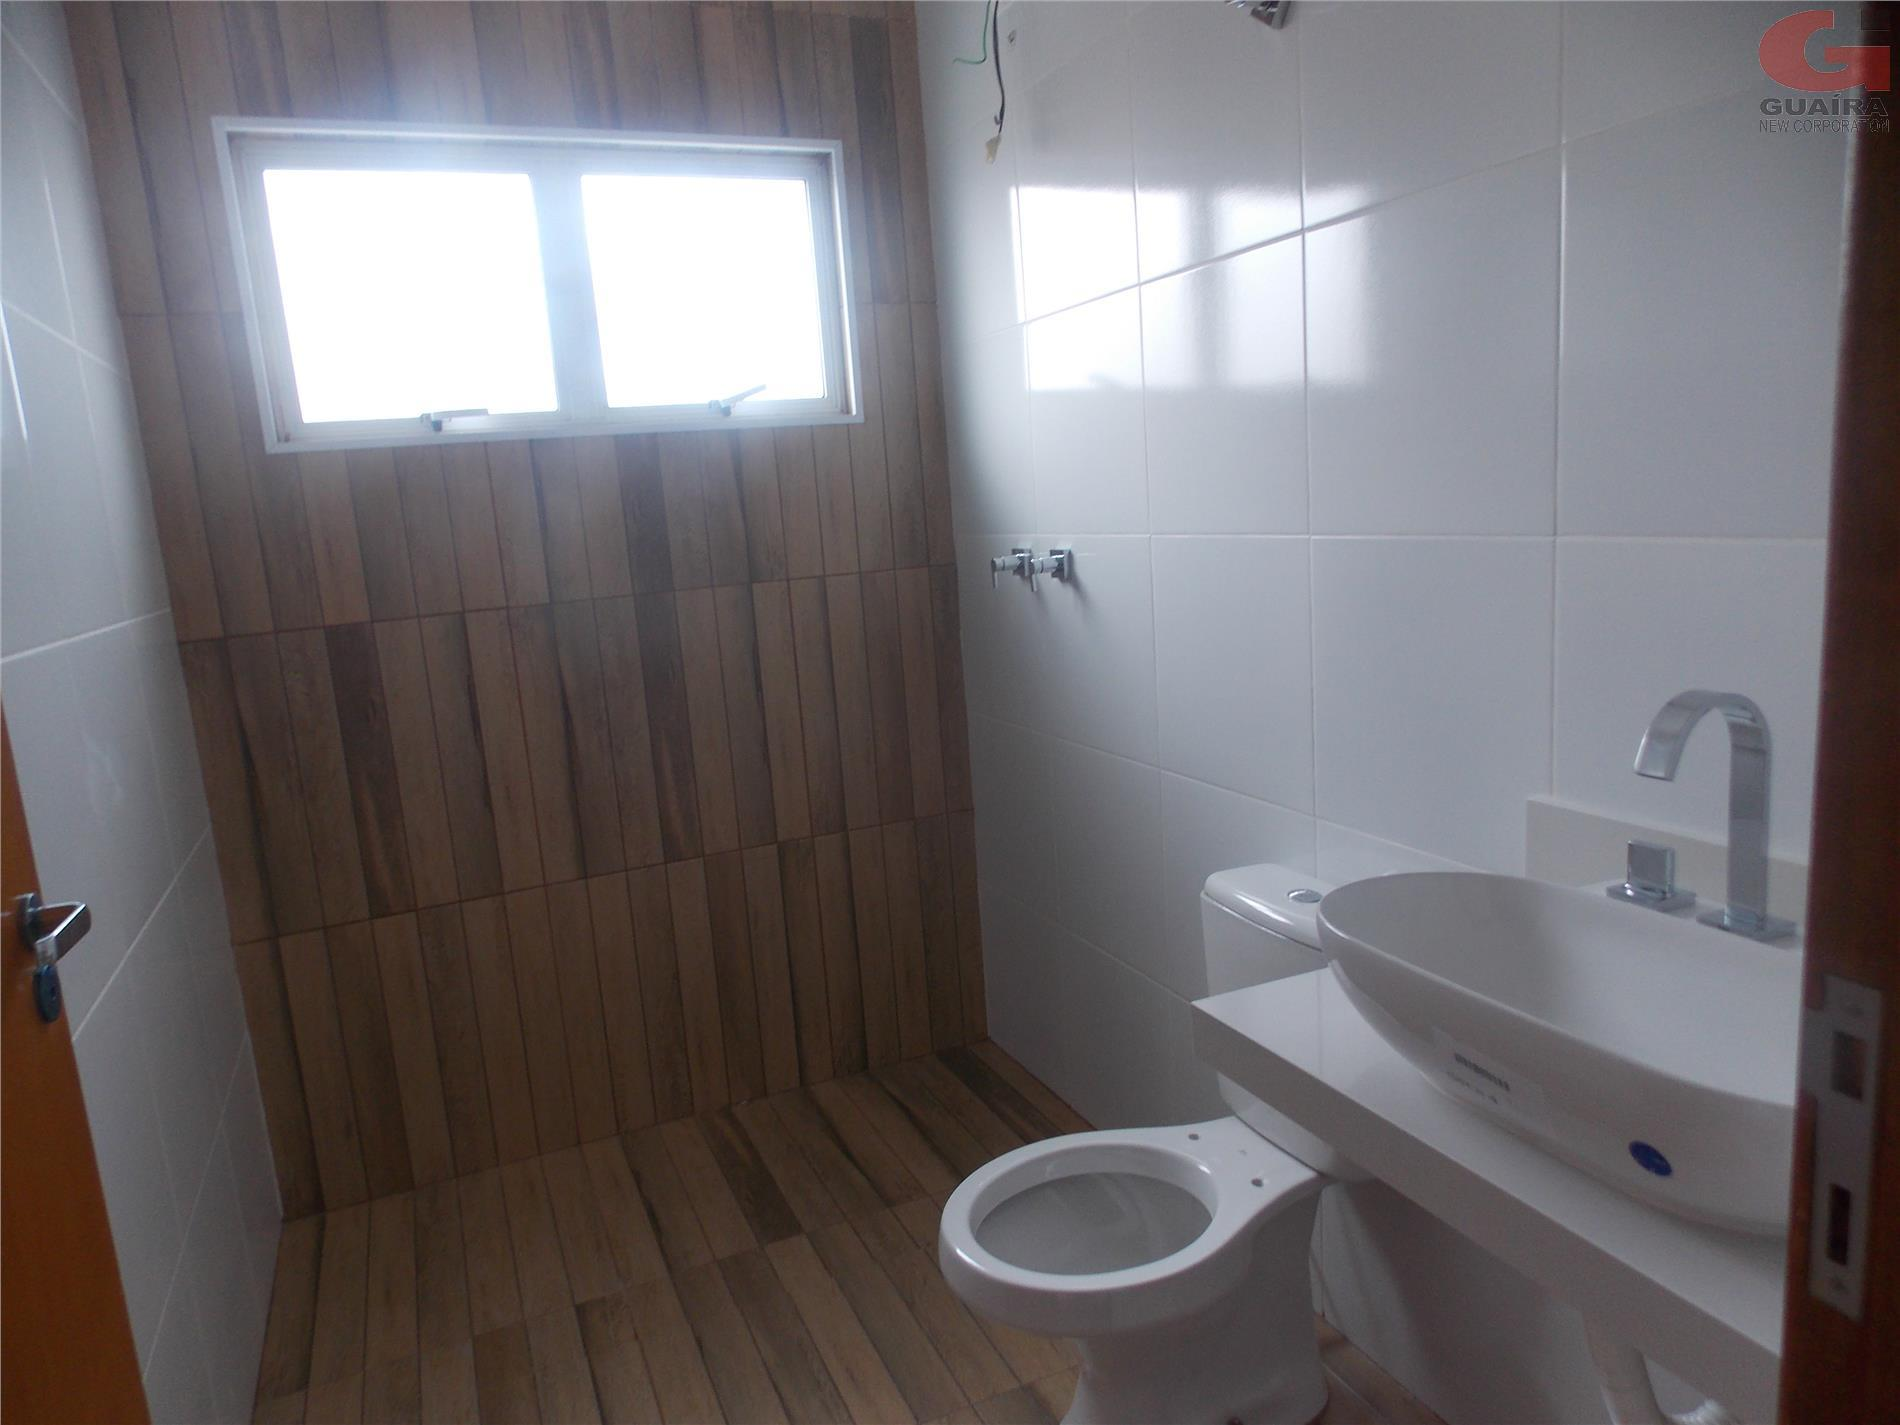 Sobrado de 3 dormitórios à venda em Vila Lusitânia, São Bernardo Do Campo - SP